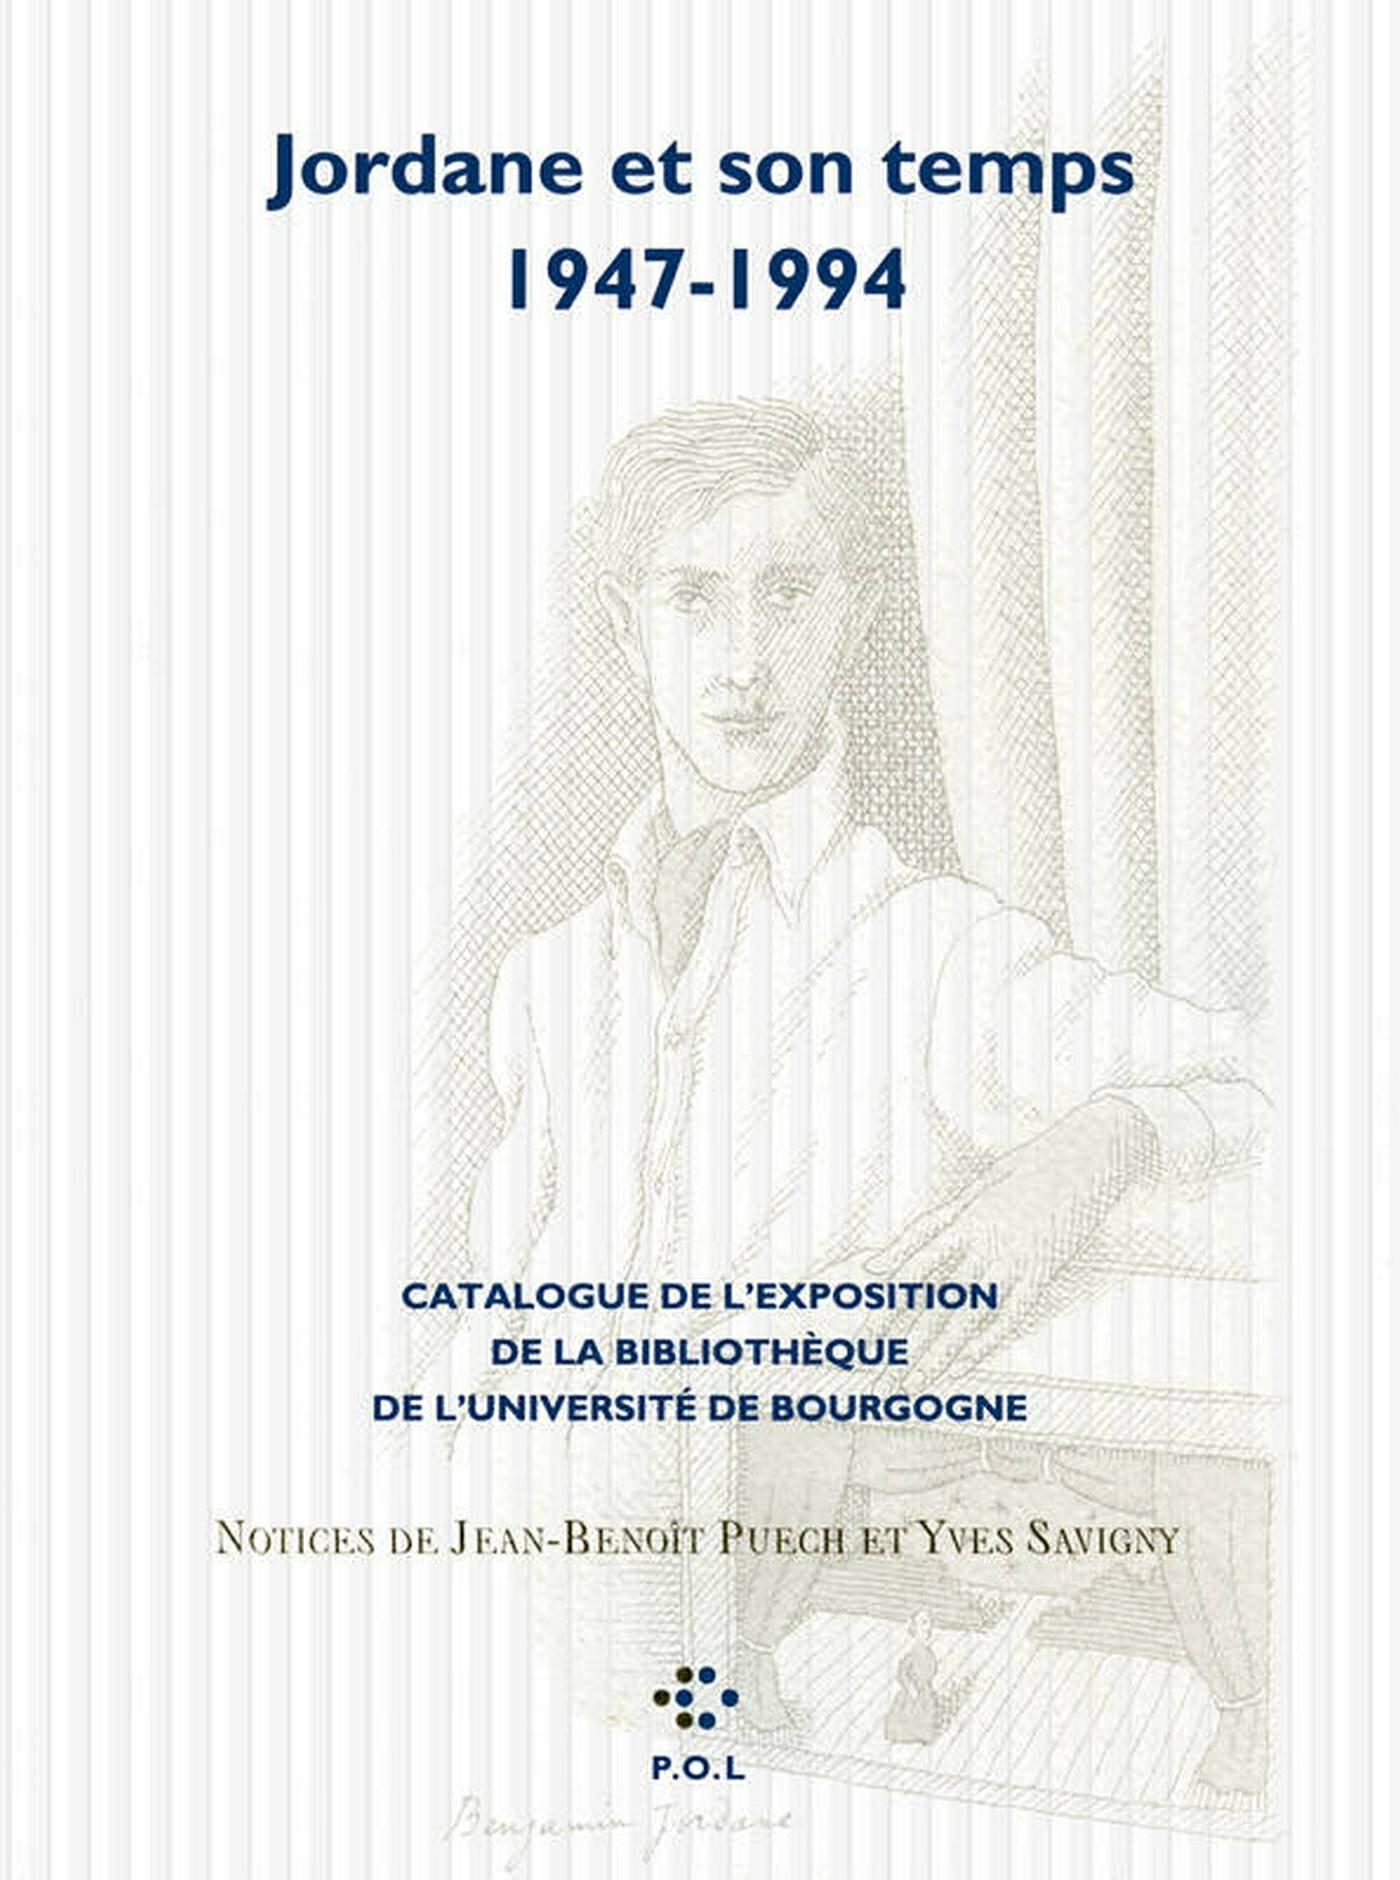 Jordane et son temps (1947-1994)